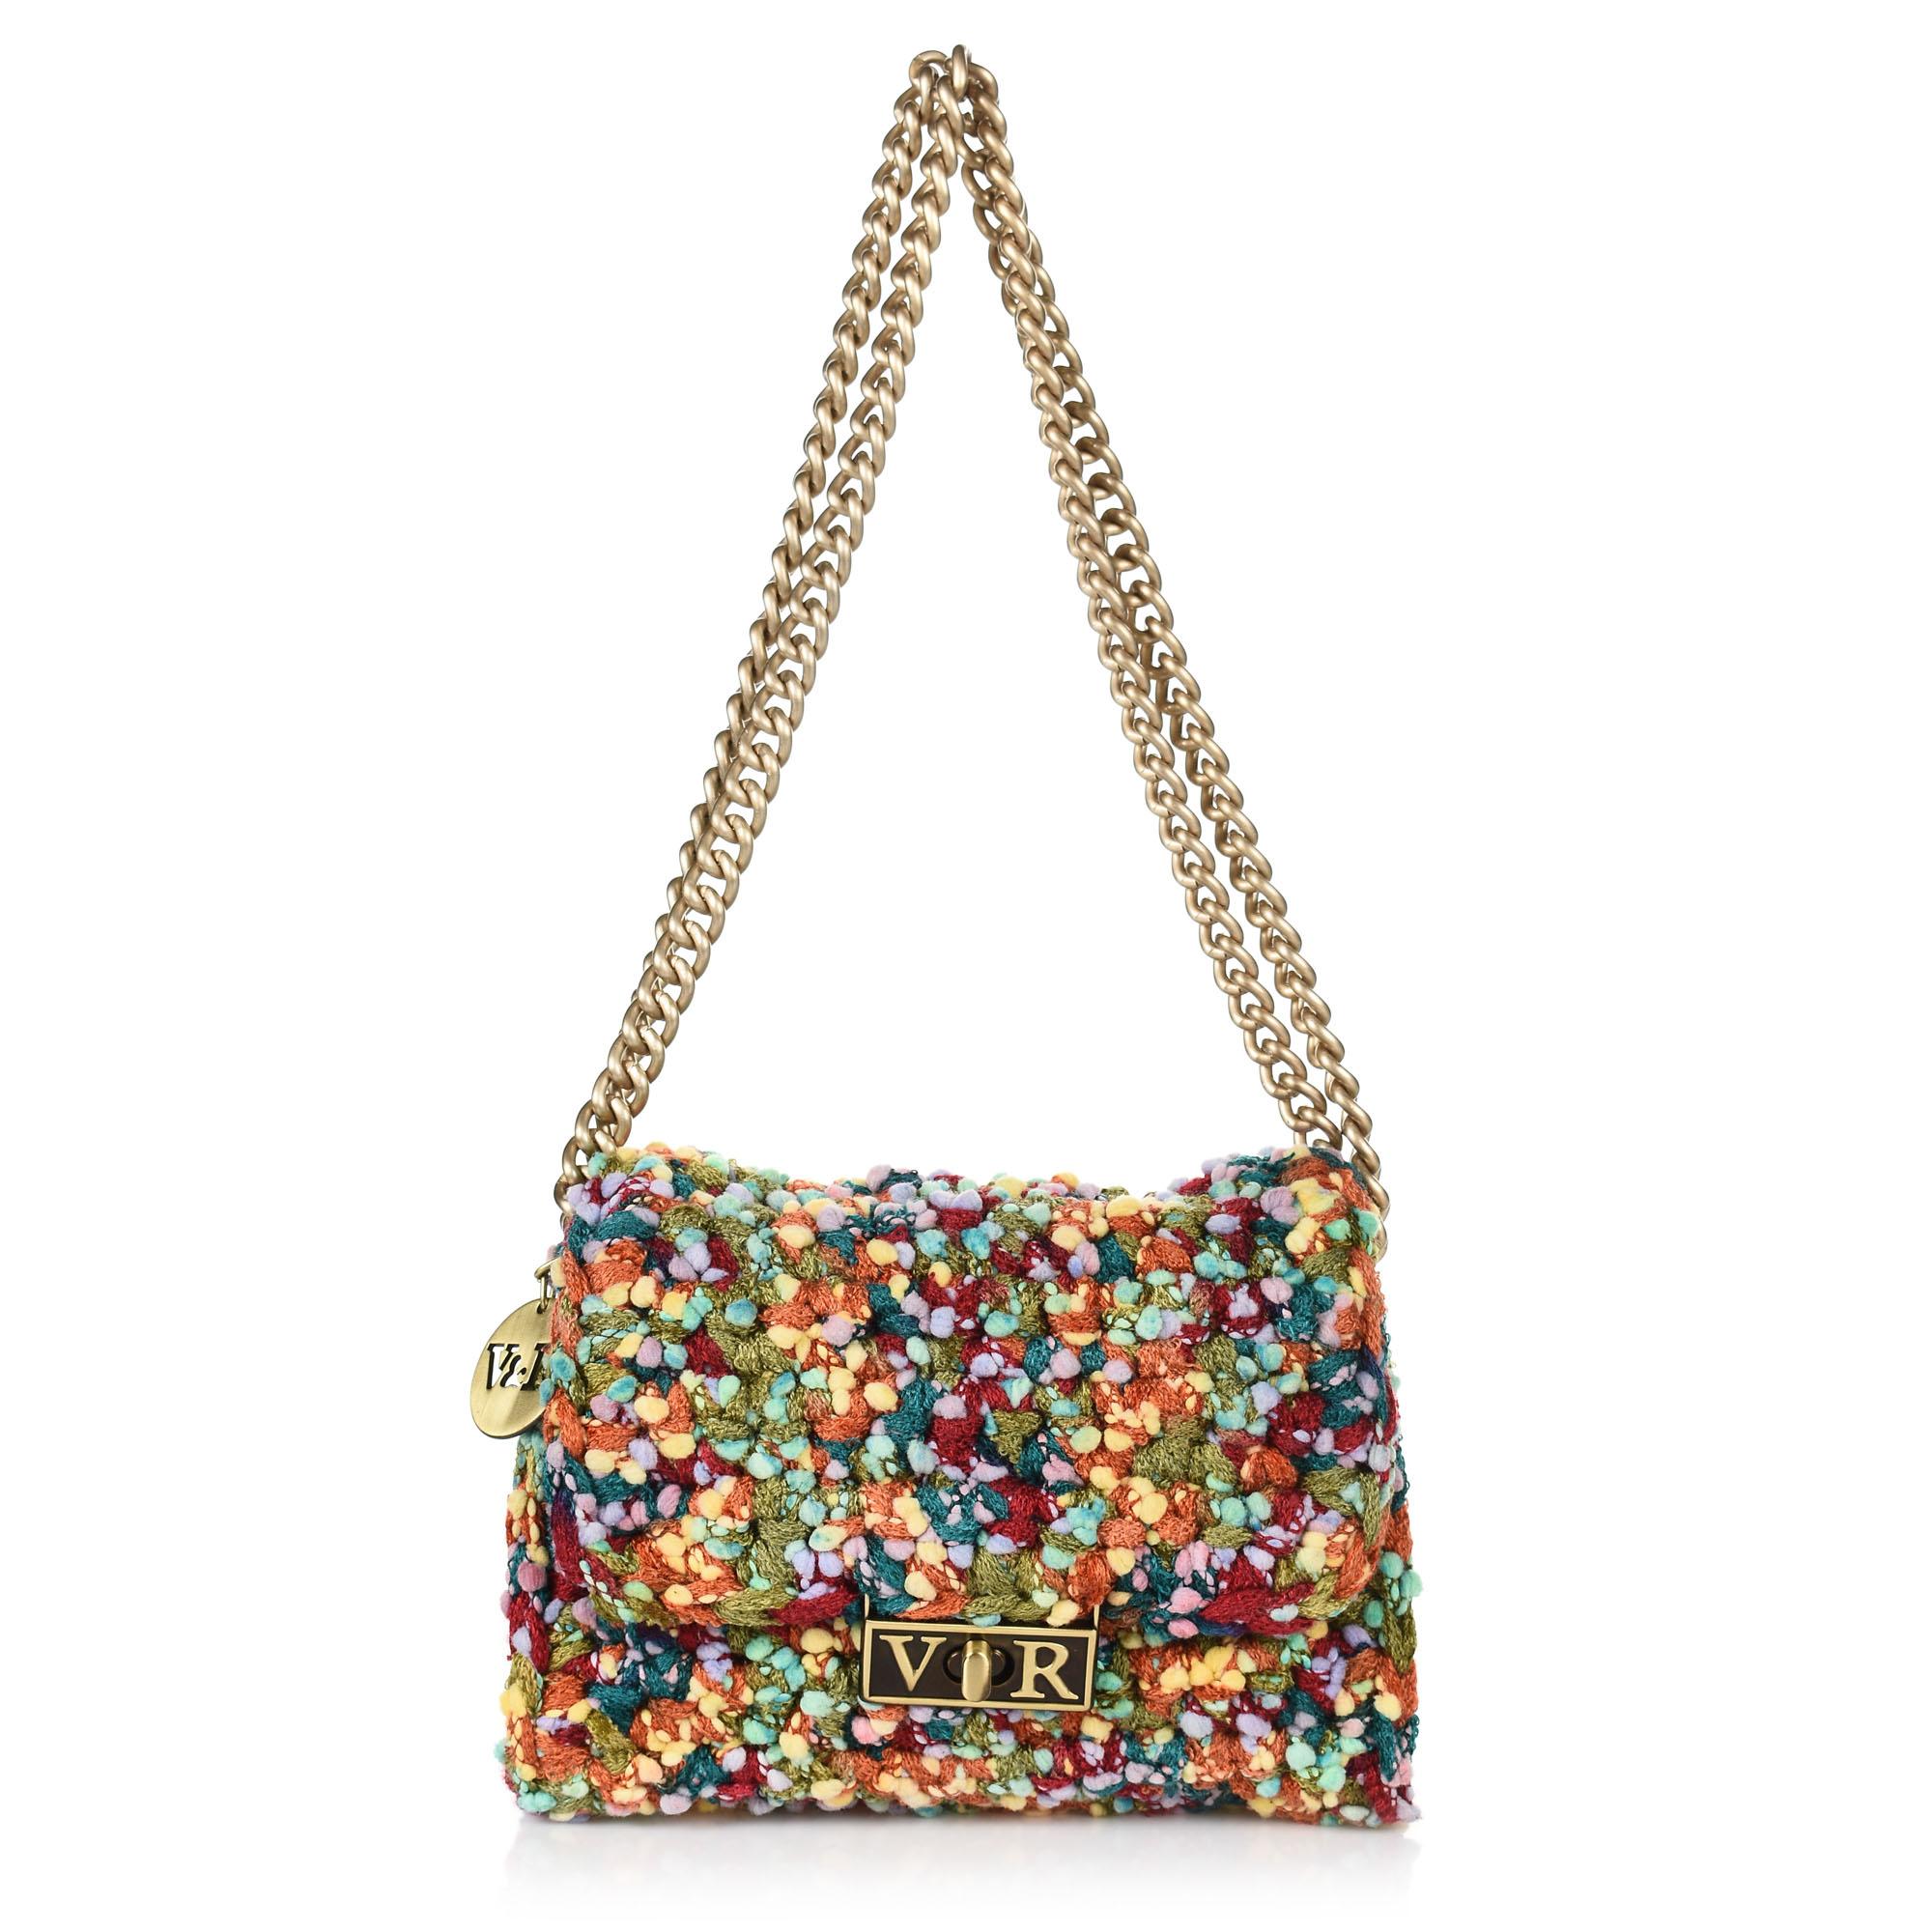 d5a64a1553 Brand Bags Χειροποίητη Πλεκτή Τσάντα Ώμου-Χιαστί V R RP148